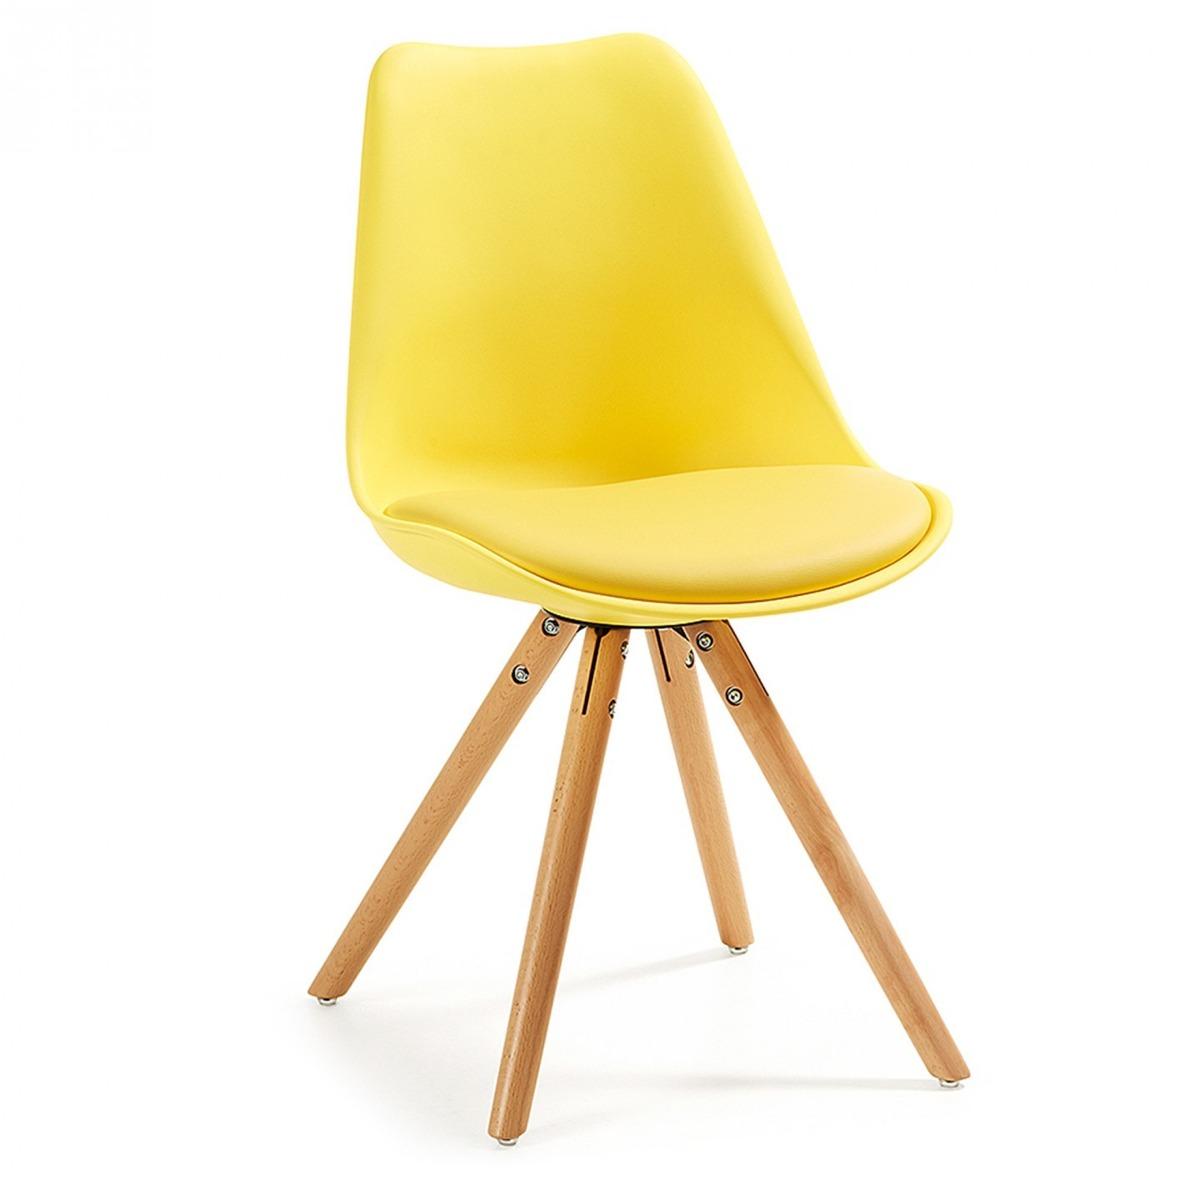 Silla de comedor moderna modelo ralf color amarillo for Sillas ergonomicas chile